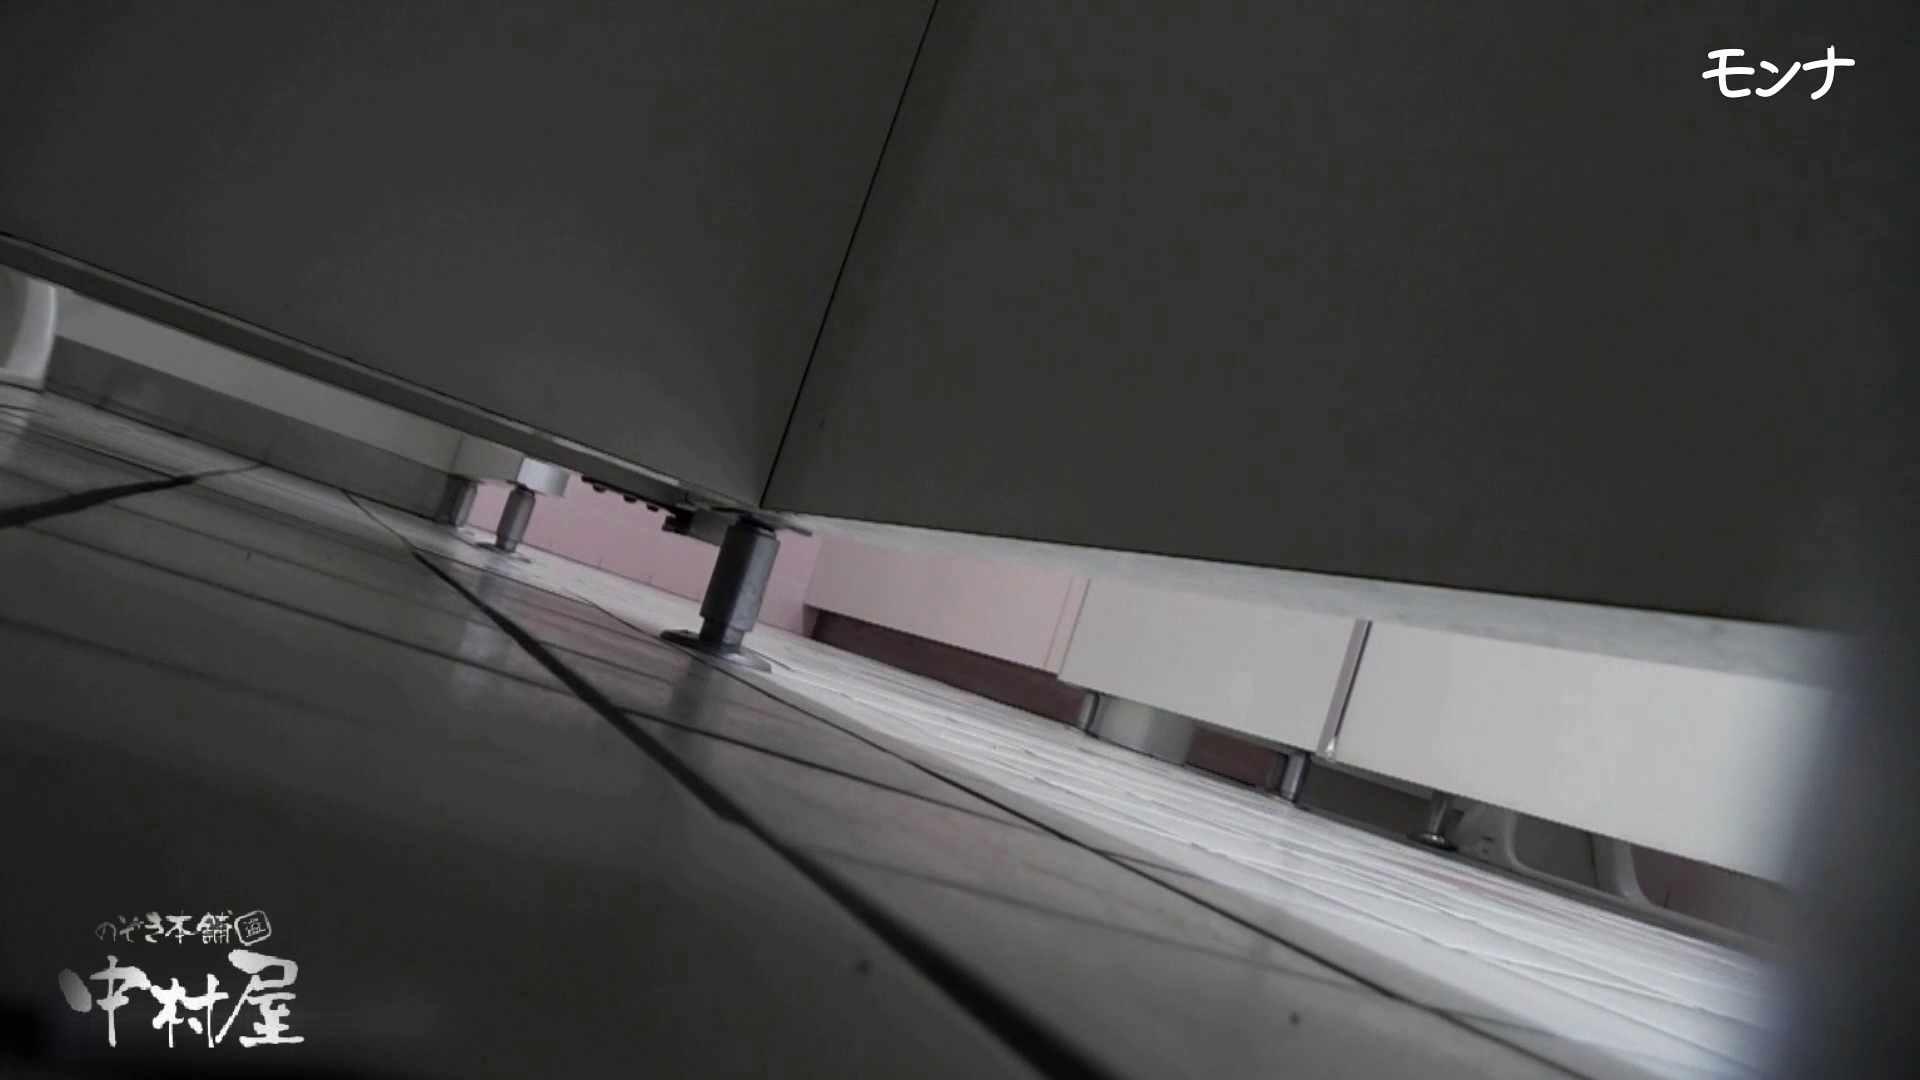 【美しい日本の未来】美しい日本の未来 No.69 ひやっと!終始15cmのしらすを垂らしながら・・・ トイレの中の女の子 アダルト動画キャプチャ 31連発 7